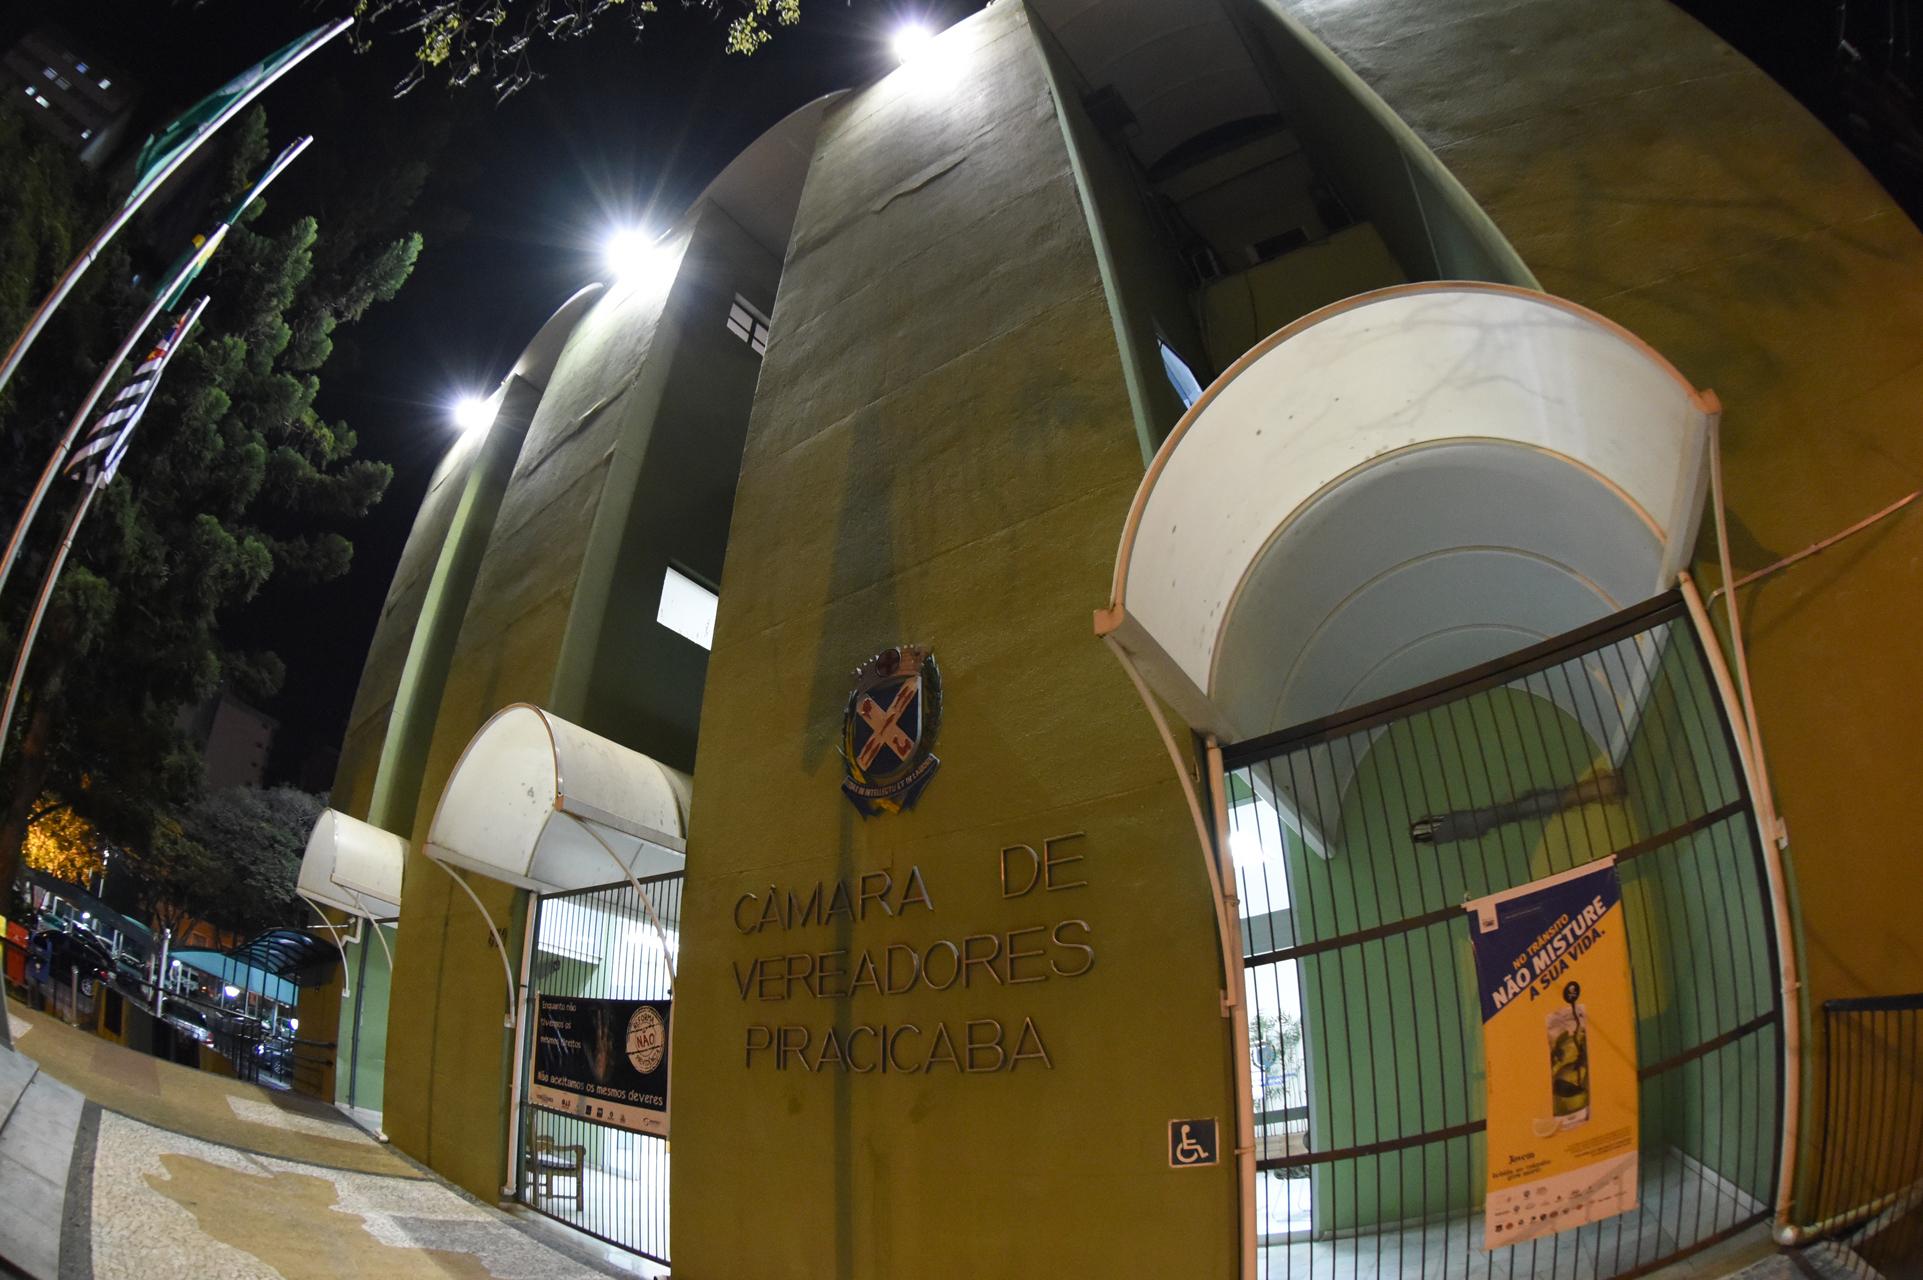 Crise na Unimep: Câmara terá reunião pública nesta quinta.